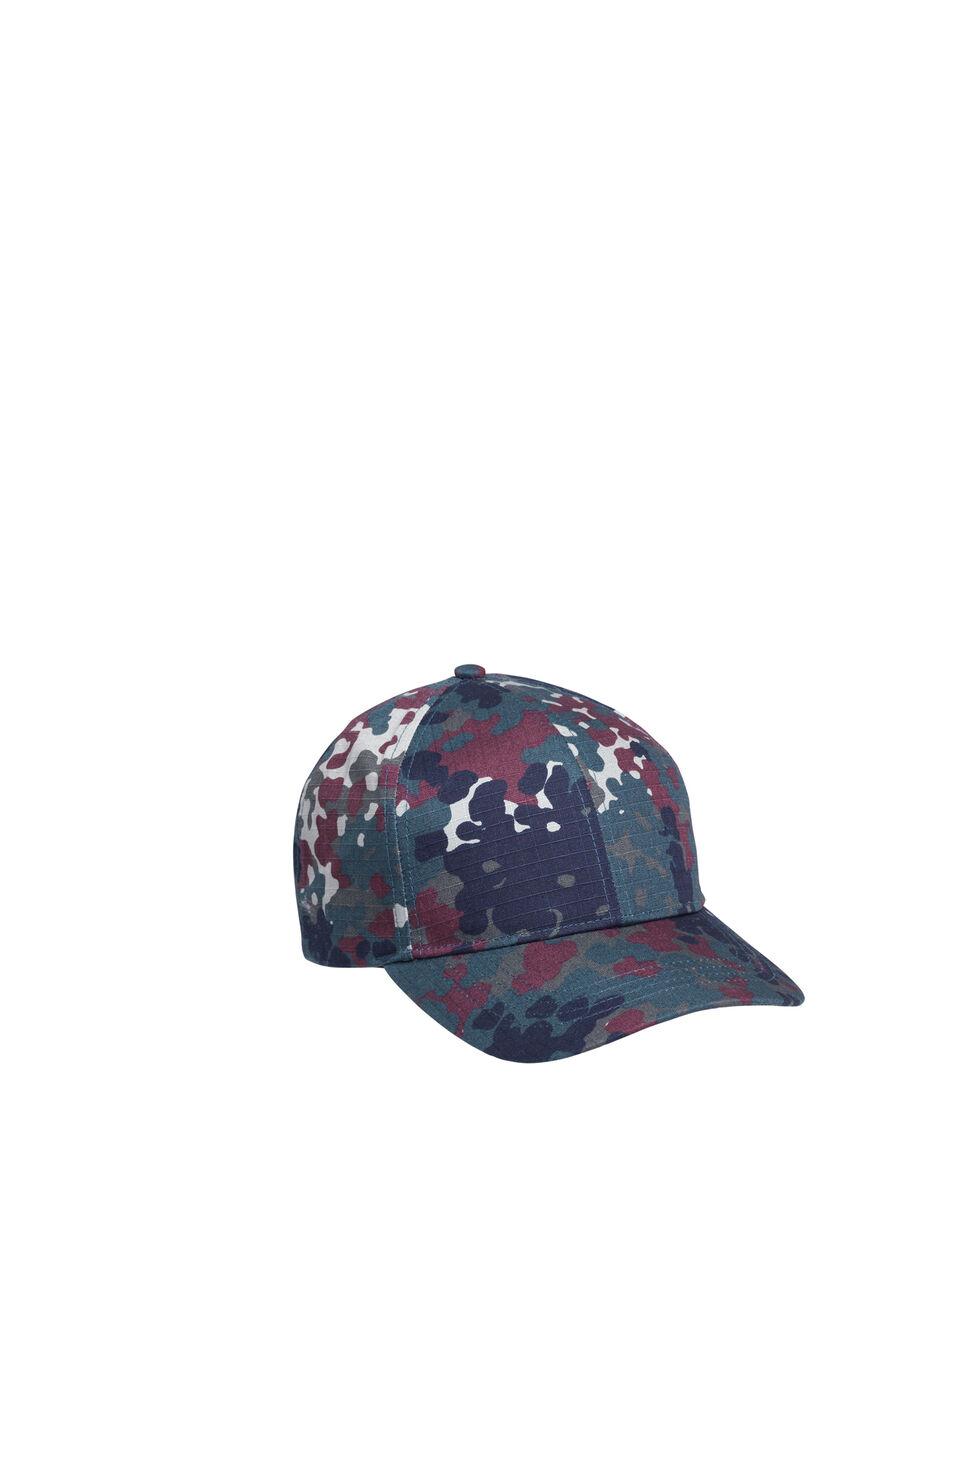 Weldon cap 9452